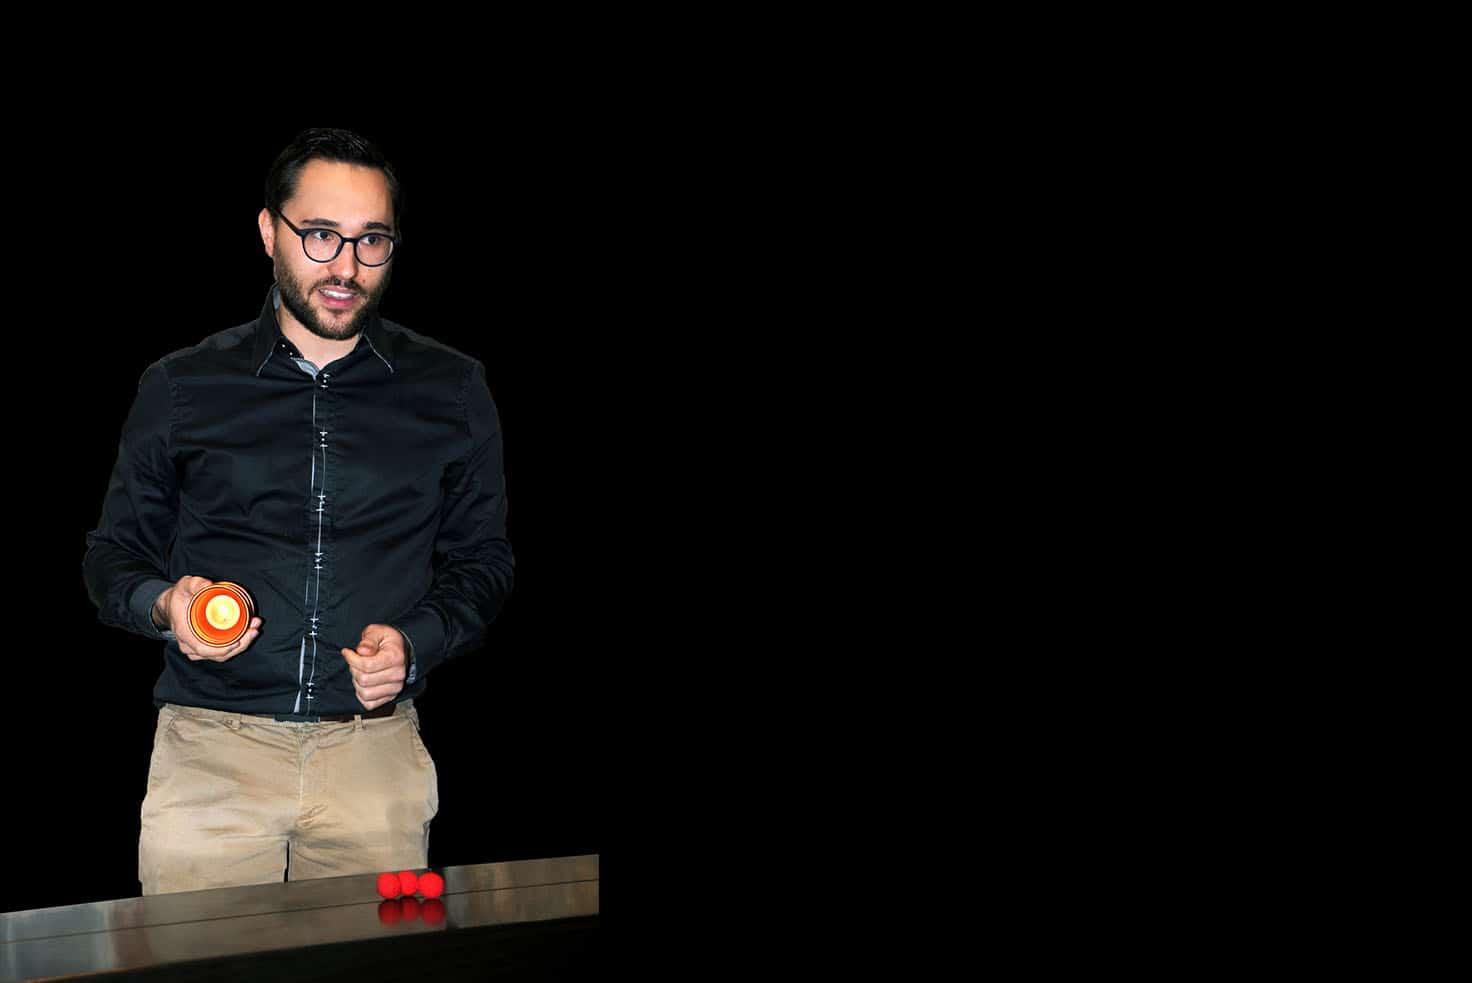 Matt Morgan magicien à lyon présente le tour des coups and balls en spectacle